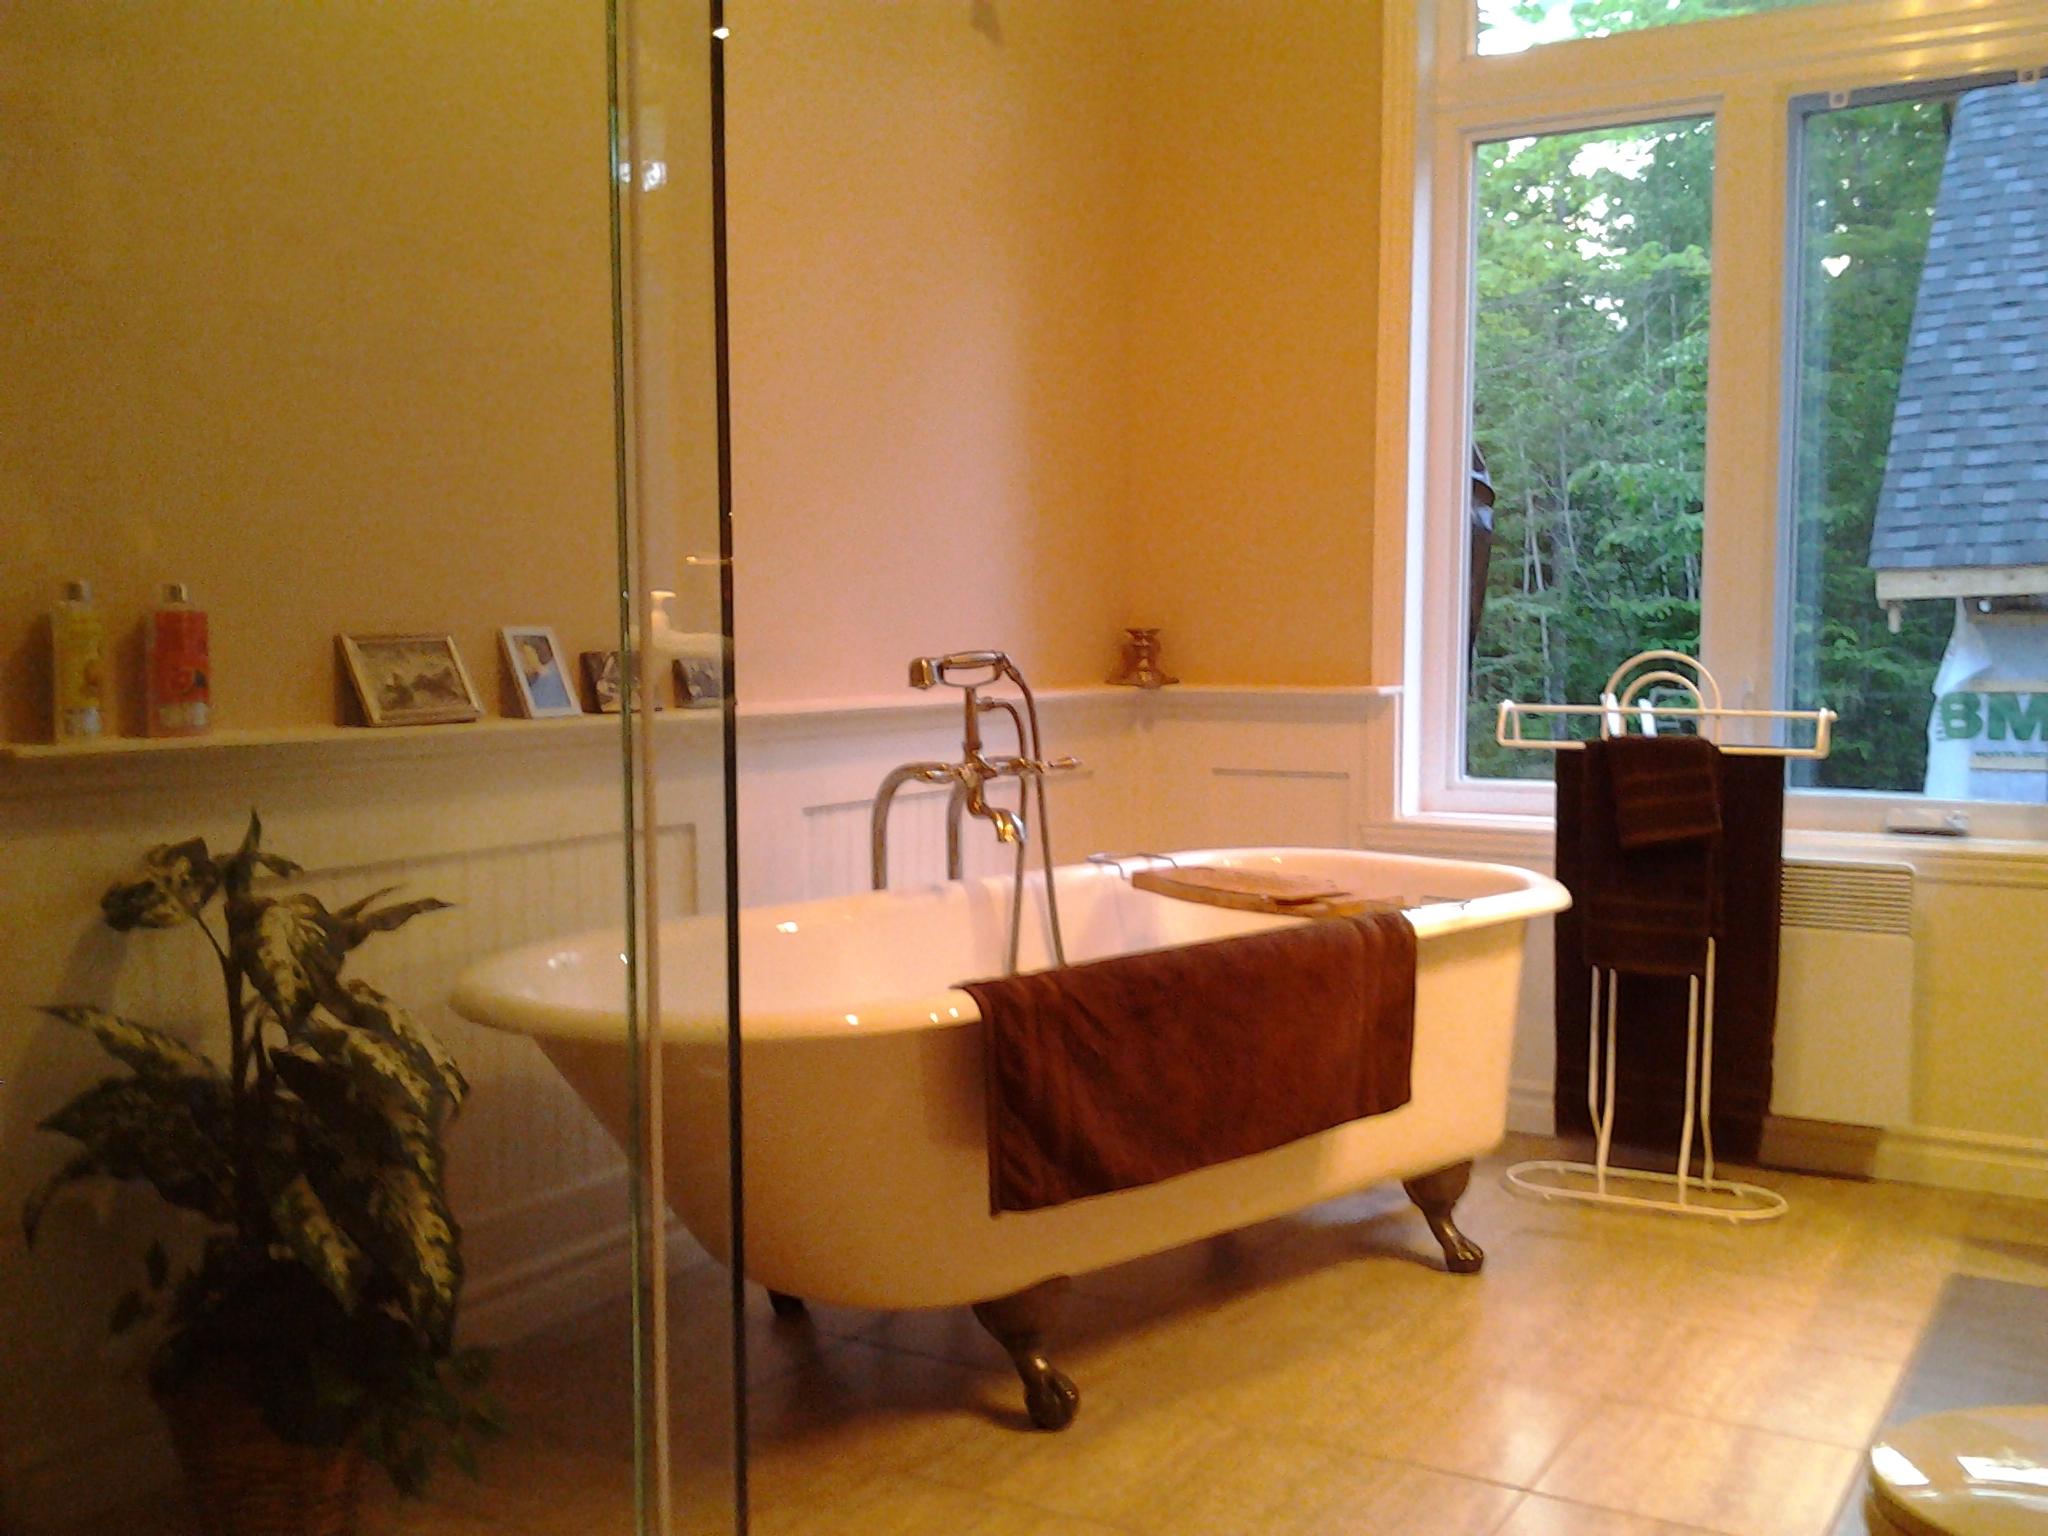 Portefolio les entreprises landreville - Entreprise salle de bain ...